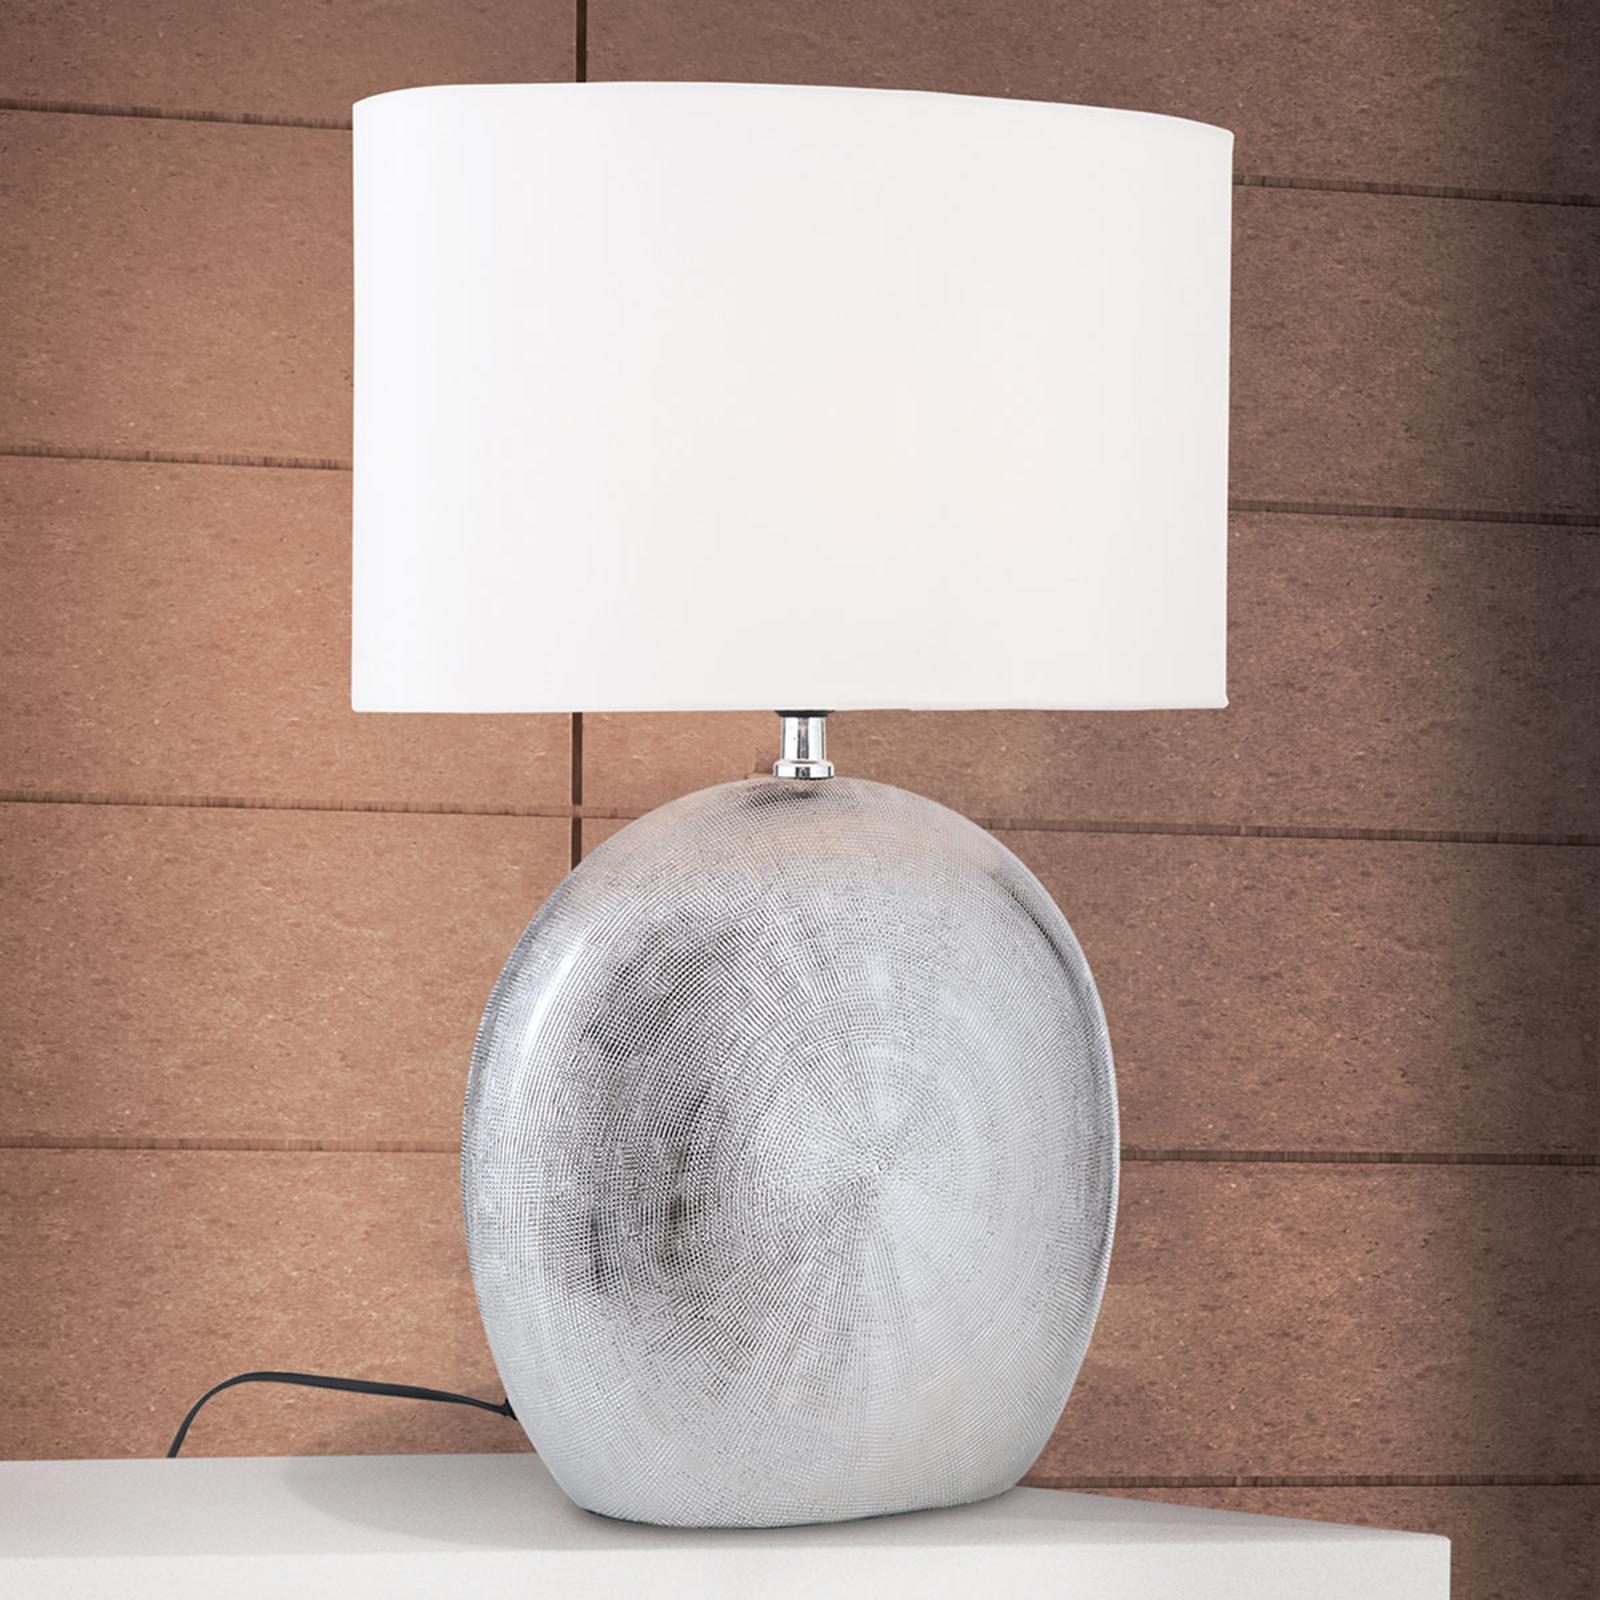 Keramische tafellamp Ethno 52 cm wit, voet titaan